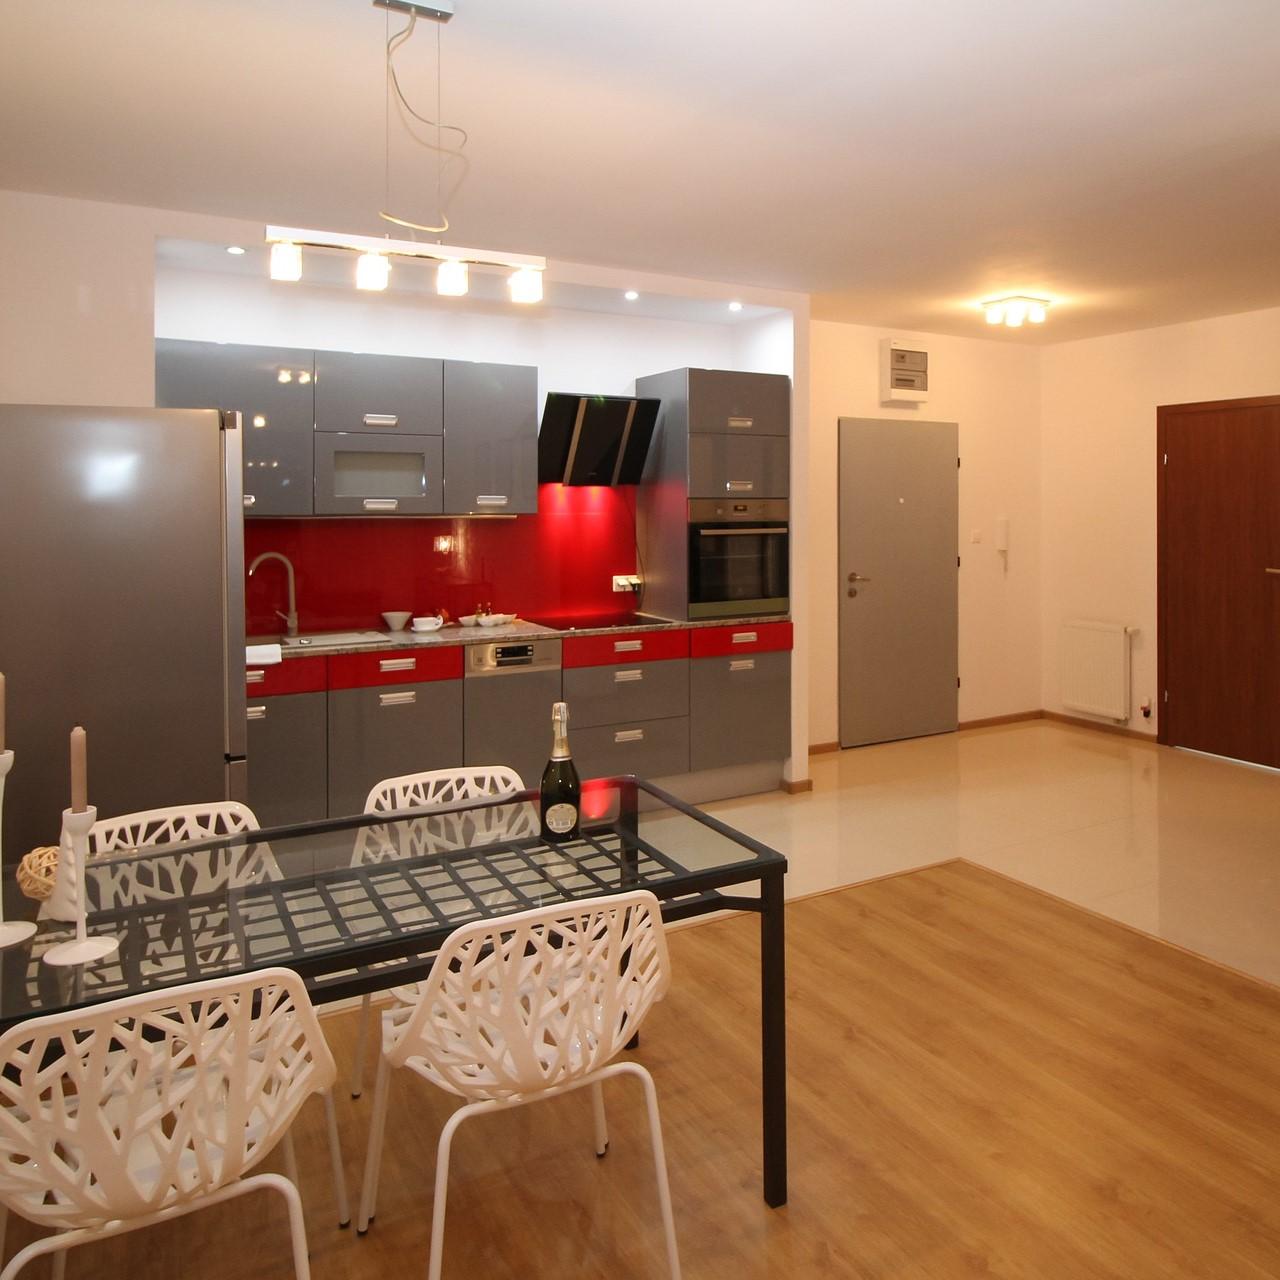 Kitchen 2094737 1920